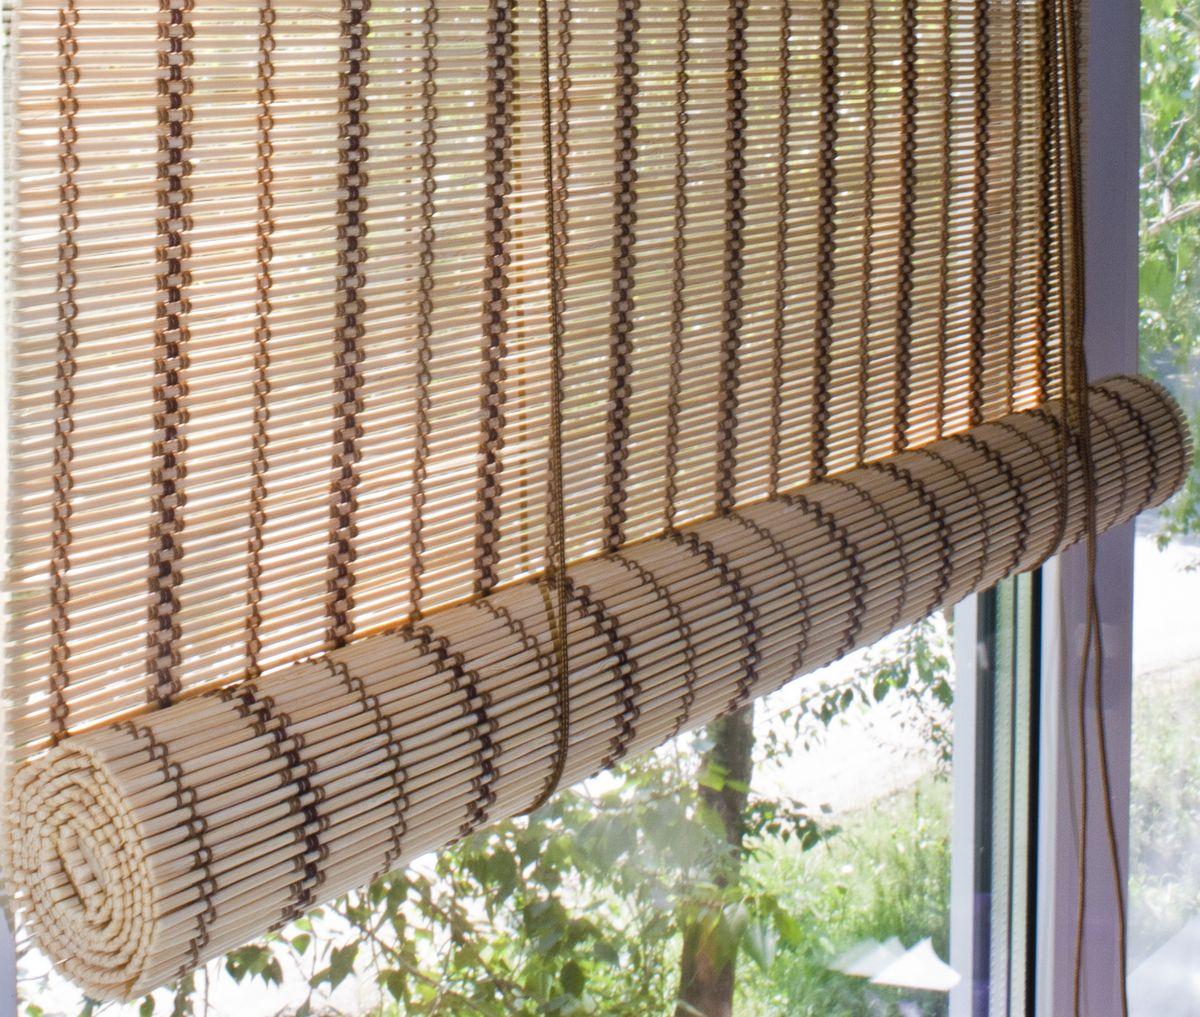 Штора рулонная Эскар Бамбук, цвет: песочный, ширина 80 см, высота 160 см7014180160При оформлении интерьера современных помещений многие отдают предпочтение природным материалам. Бамбуковые рулонные шторы – одно из натуральных изделий, способное сделать атмосферу помещения более уютной и в то же время необычной. Свойства бамбука уникальны: он экологически чист, так как быстро вырастает, благодаря чему не успевает накопить вредные вещества из окружающей среды. Кроме того, растение обладает противомикробным и антибактериальным действием. Занавеси из бамбука безопасно использовать в помещениях, где находятся новорожденные дети и люди, склонные к аллергии. Они незаменимы для тех, кто заботится о своем здоровье и уделяет внимание высокому уровню жизни.